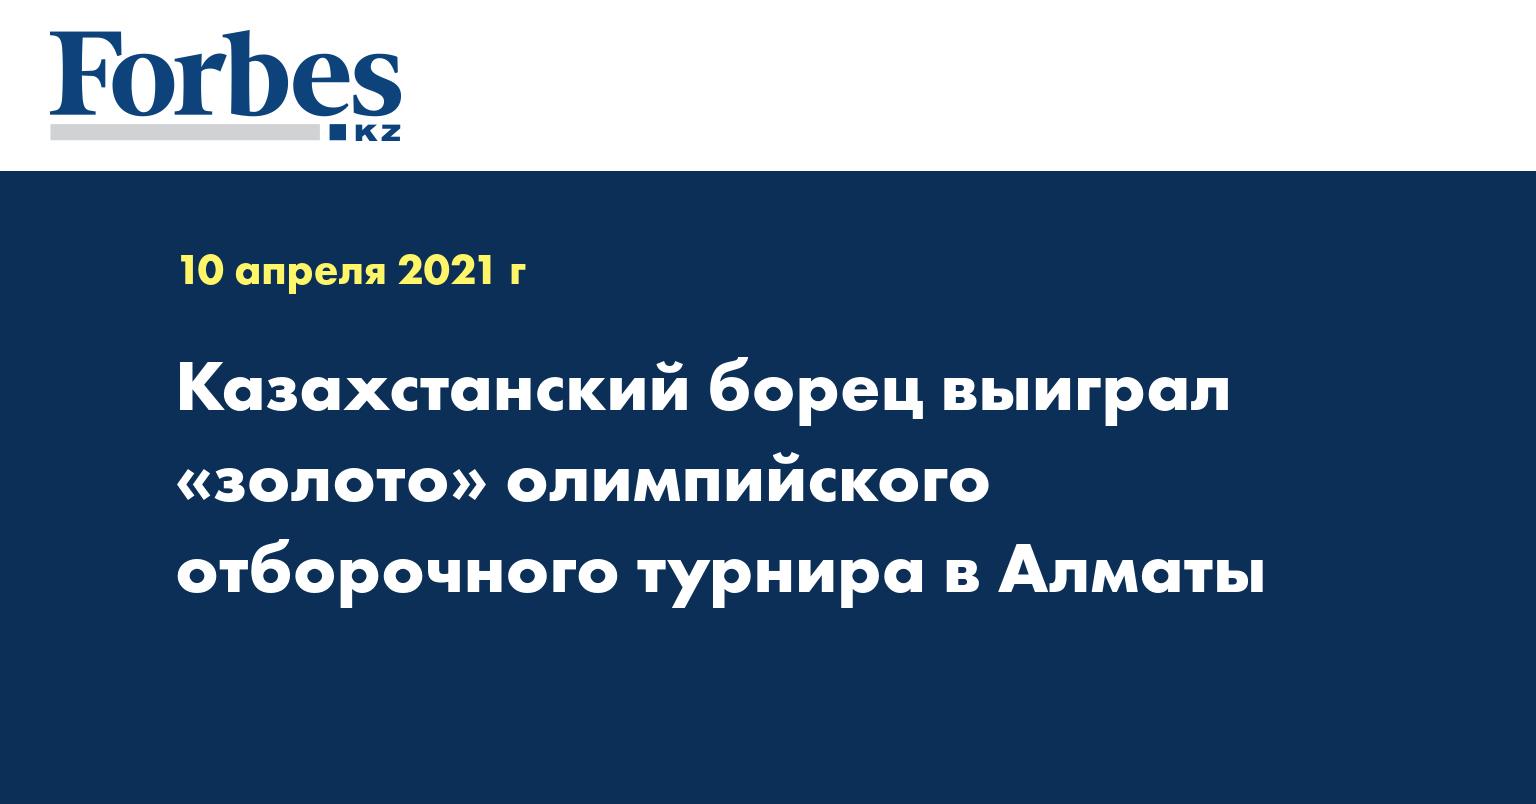 Казахстанский борец выиграл «золото» олимпийского отборочного турнира в Алматы